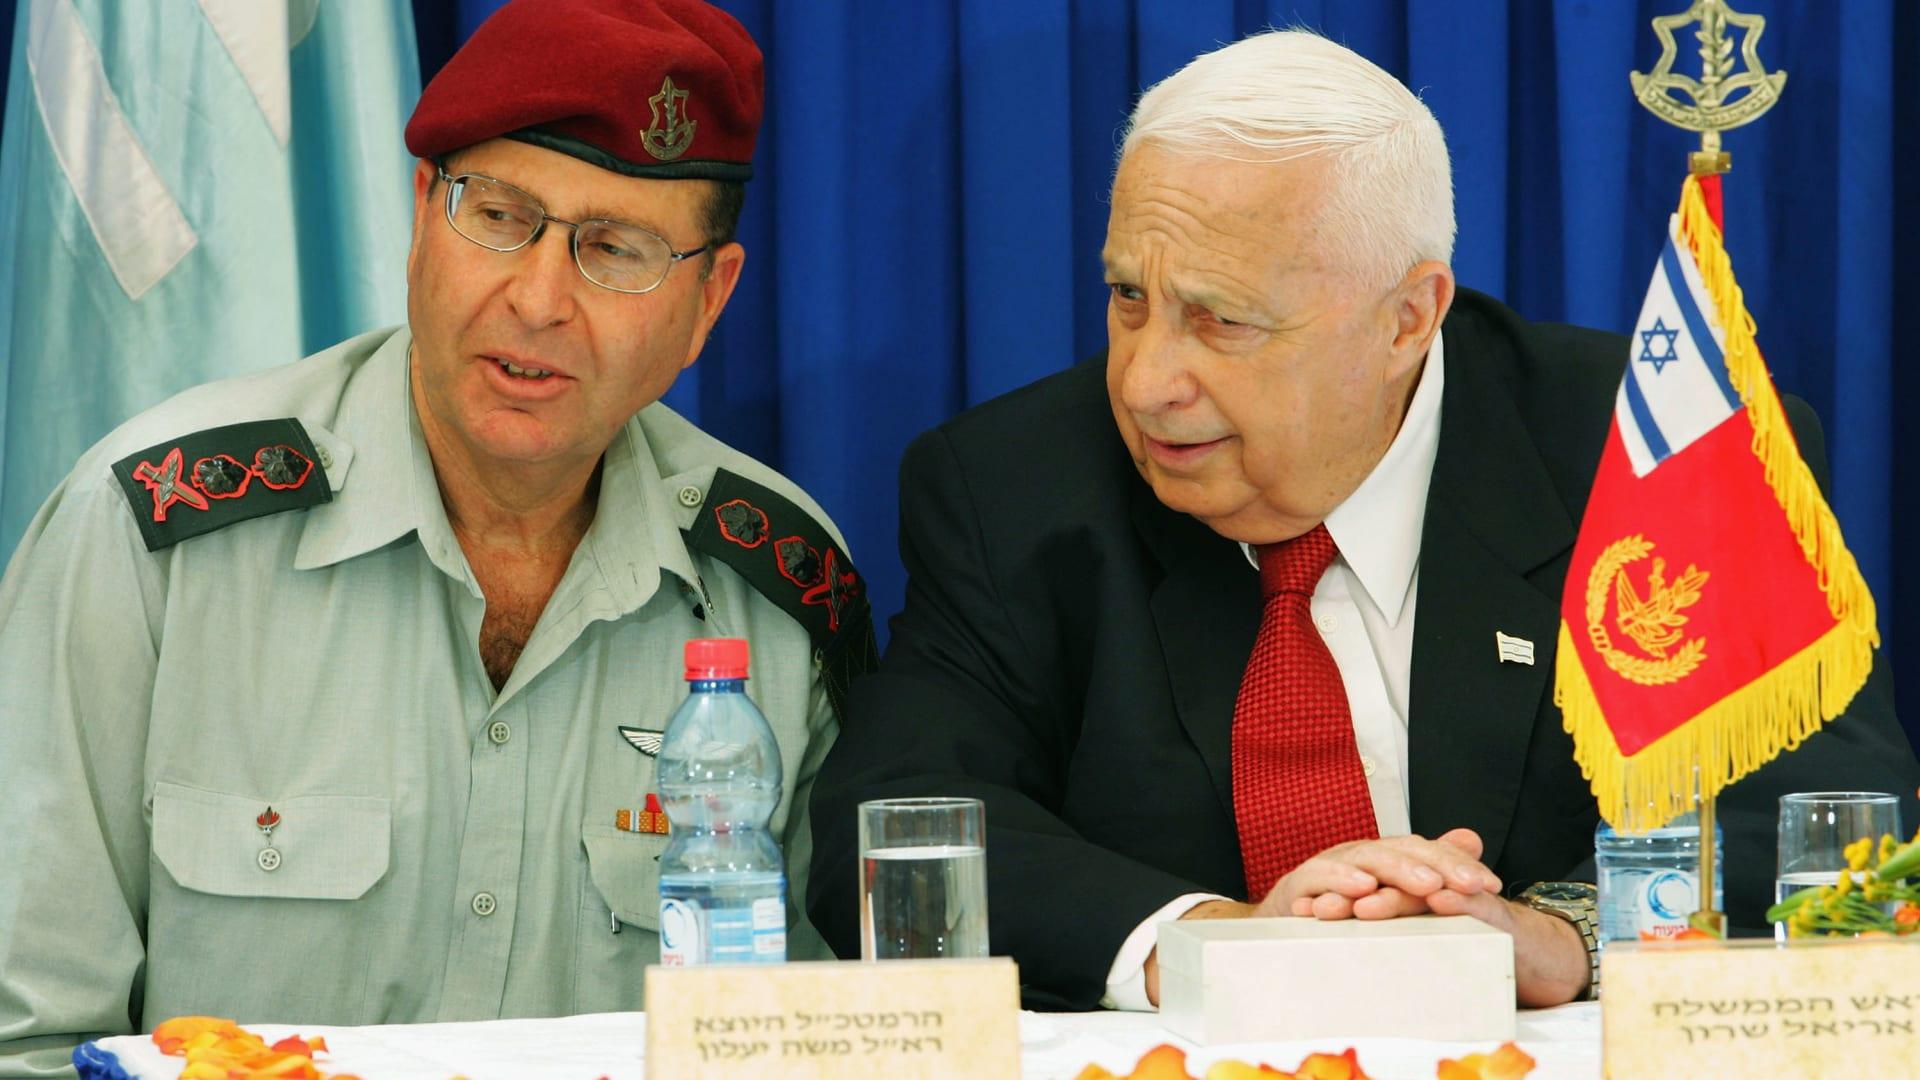 وزير الدفاع الإسرائيلي يعتذر عن انتقاده لكيري